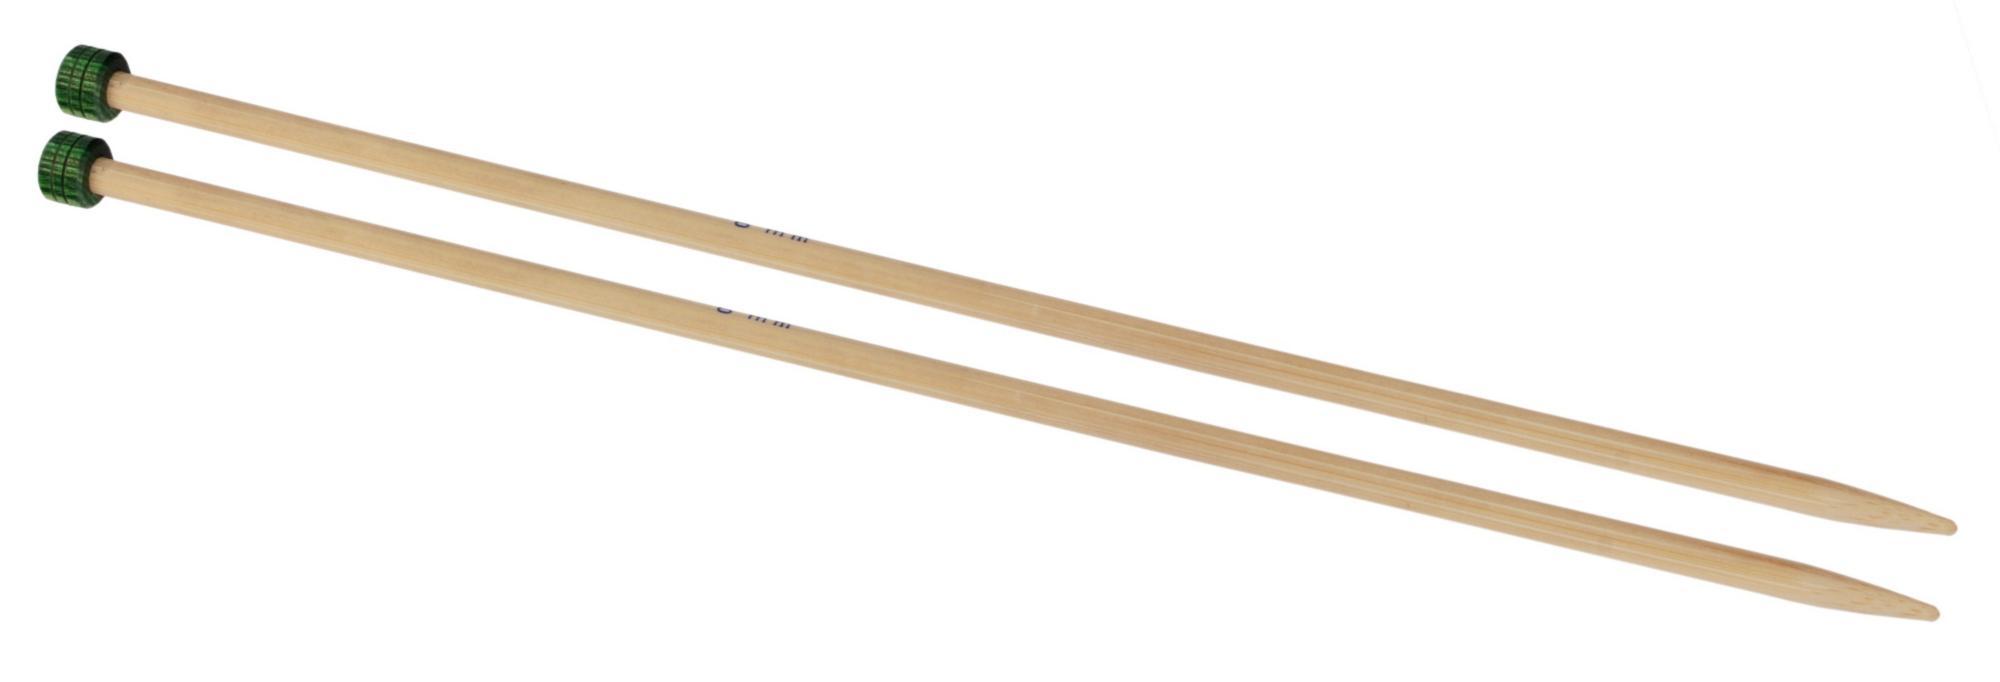 Спицы прямые 25 см Bamboo KnitPro, 22309, 5.00 мм